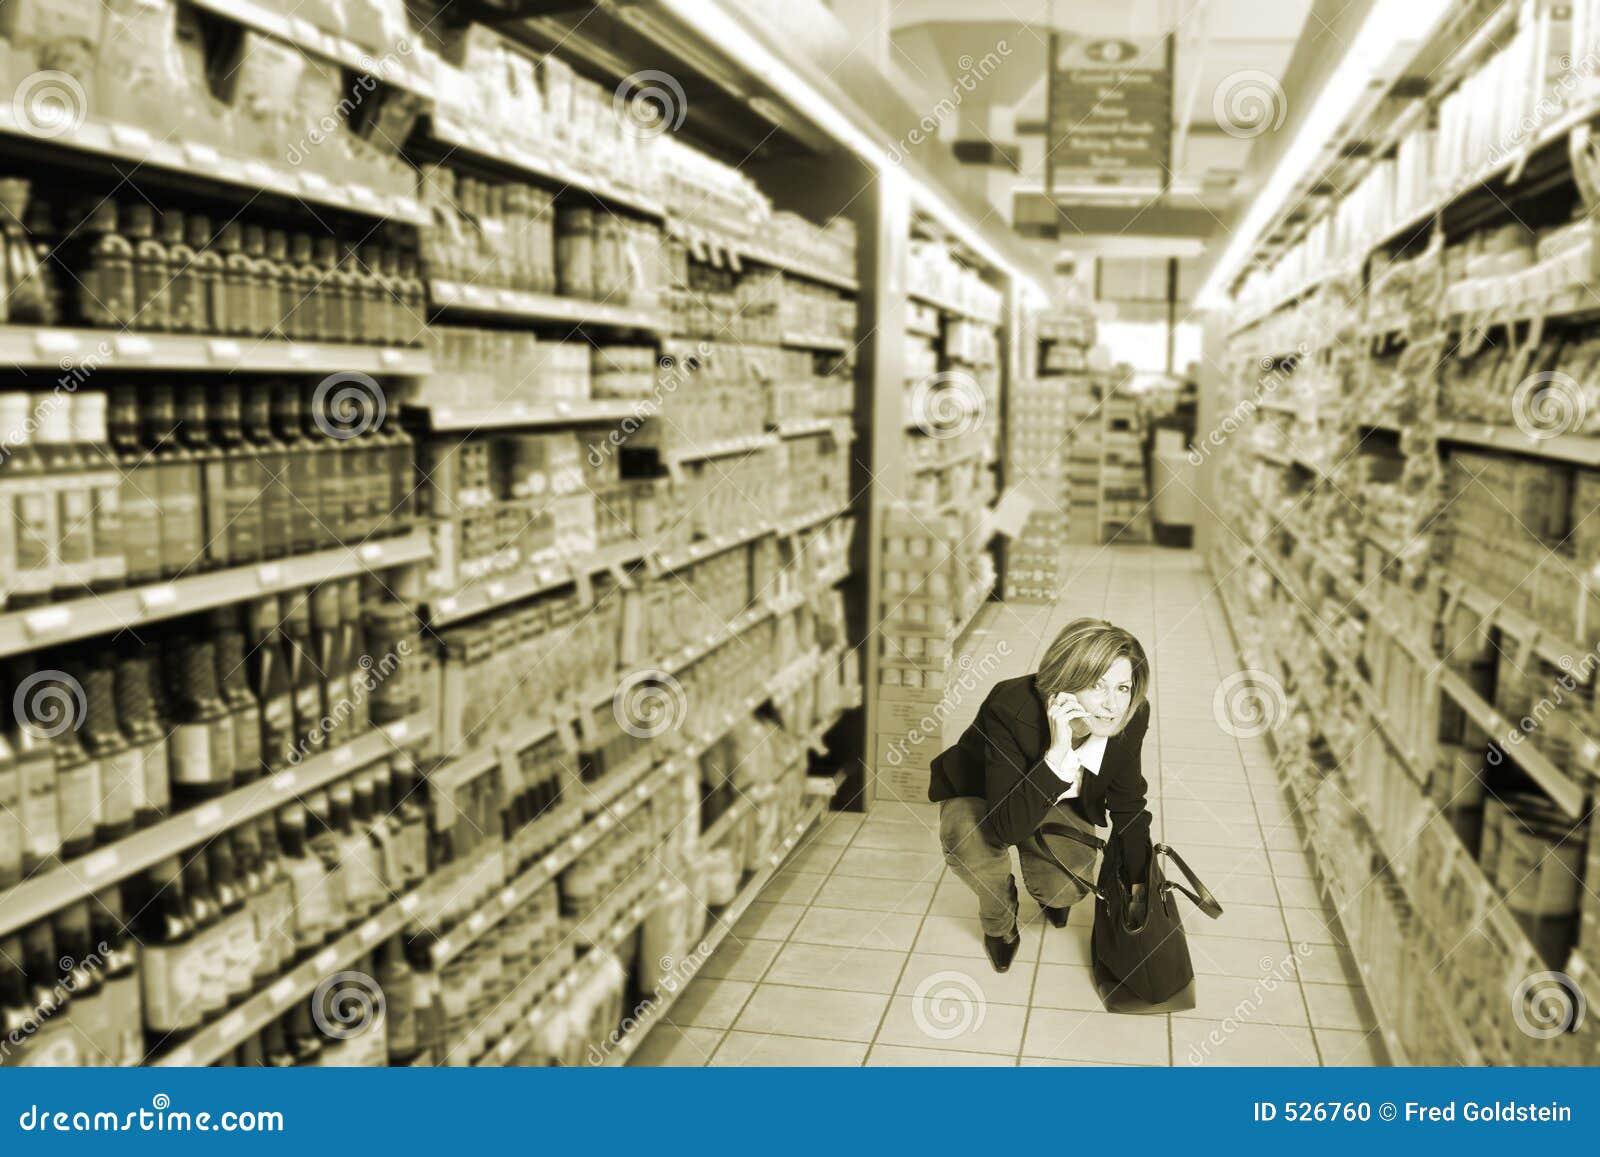 Download 副食品商店 库存照片. 图片 包括有 姿势, 蹲下, 差事, 钉书针, 空白, 女性, 表达式, 情感, 食物 - 526760